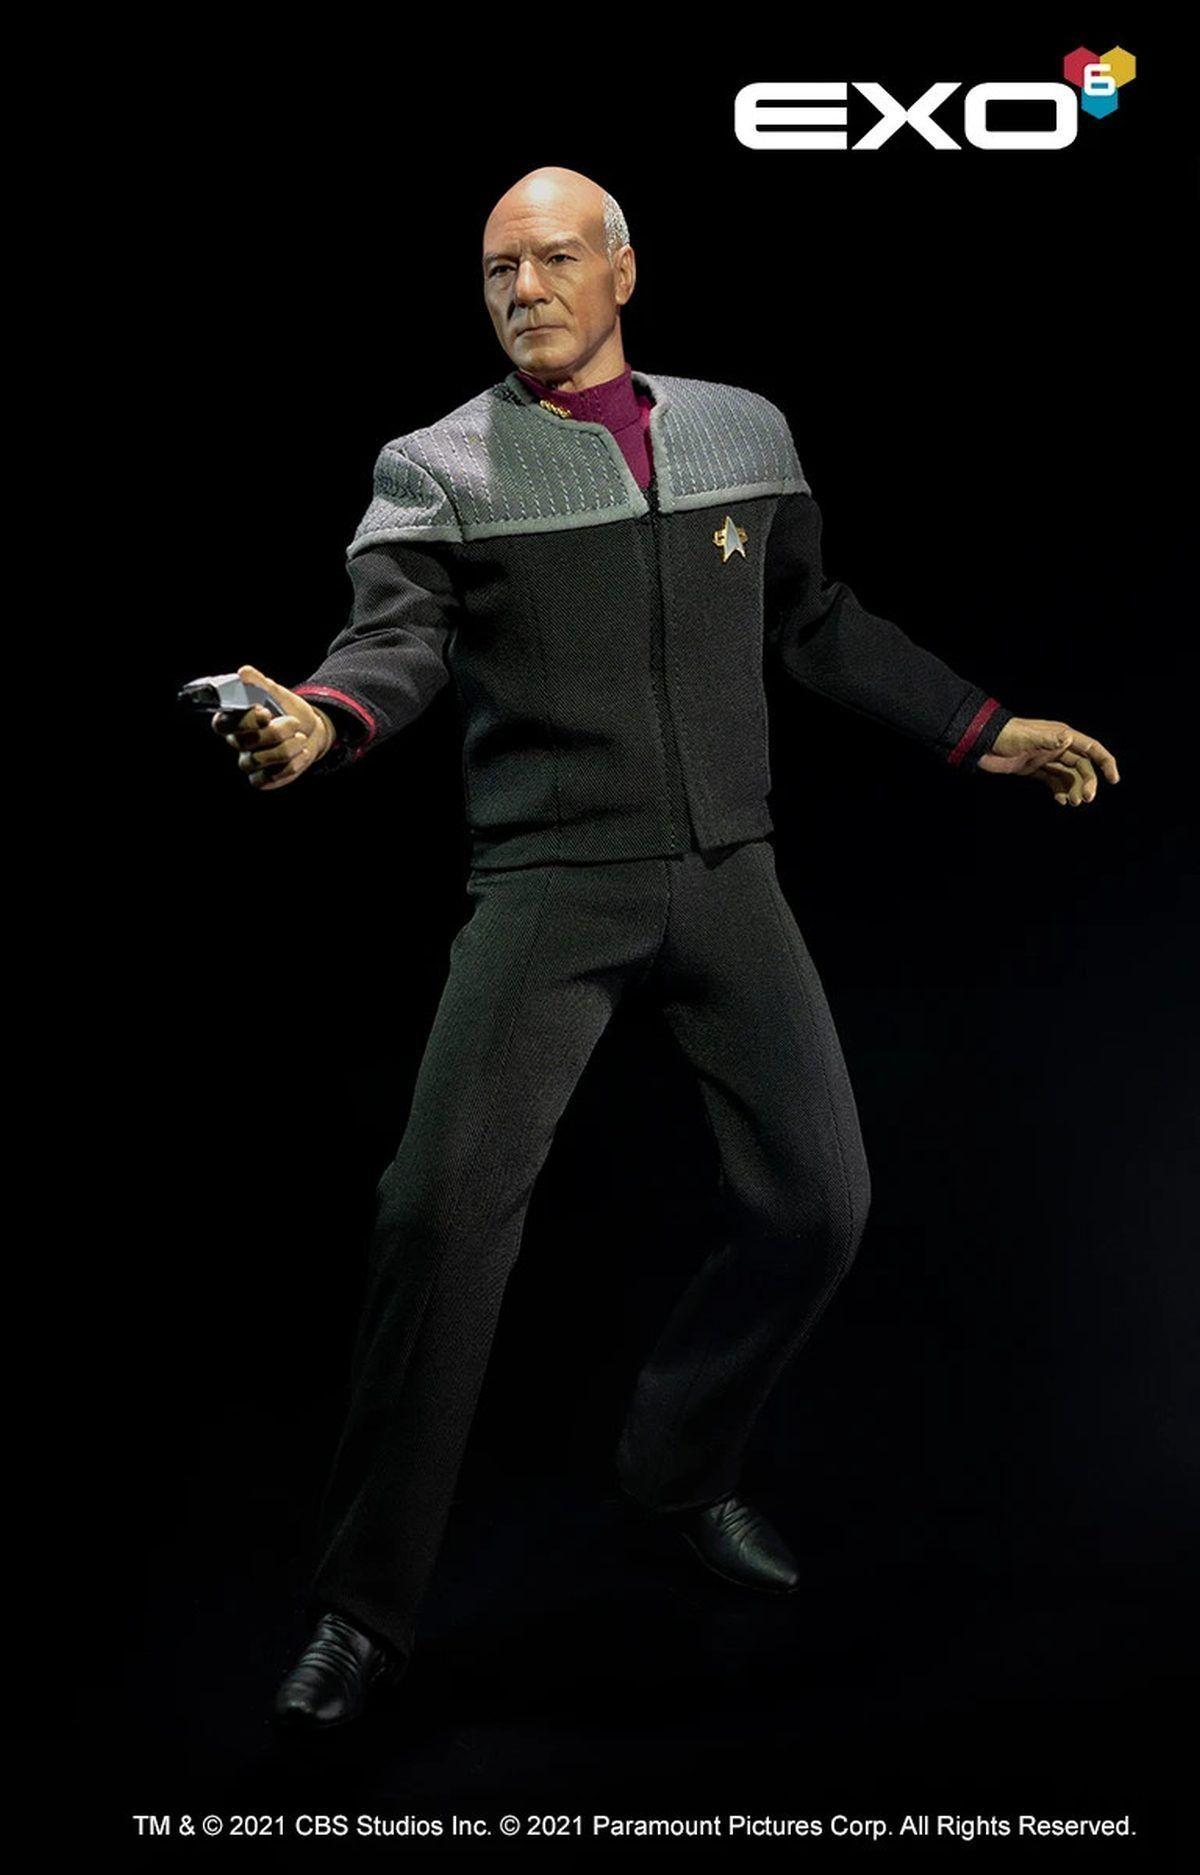 Star Trek First Contact Picard Exo 6 8